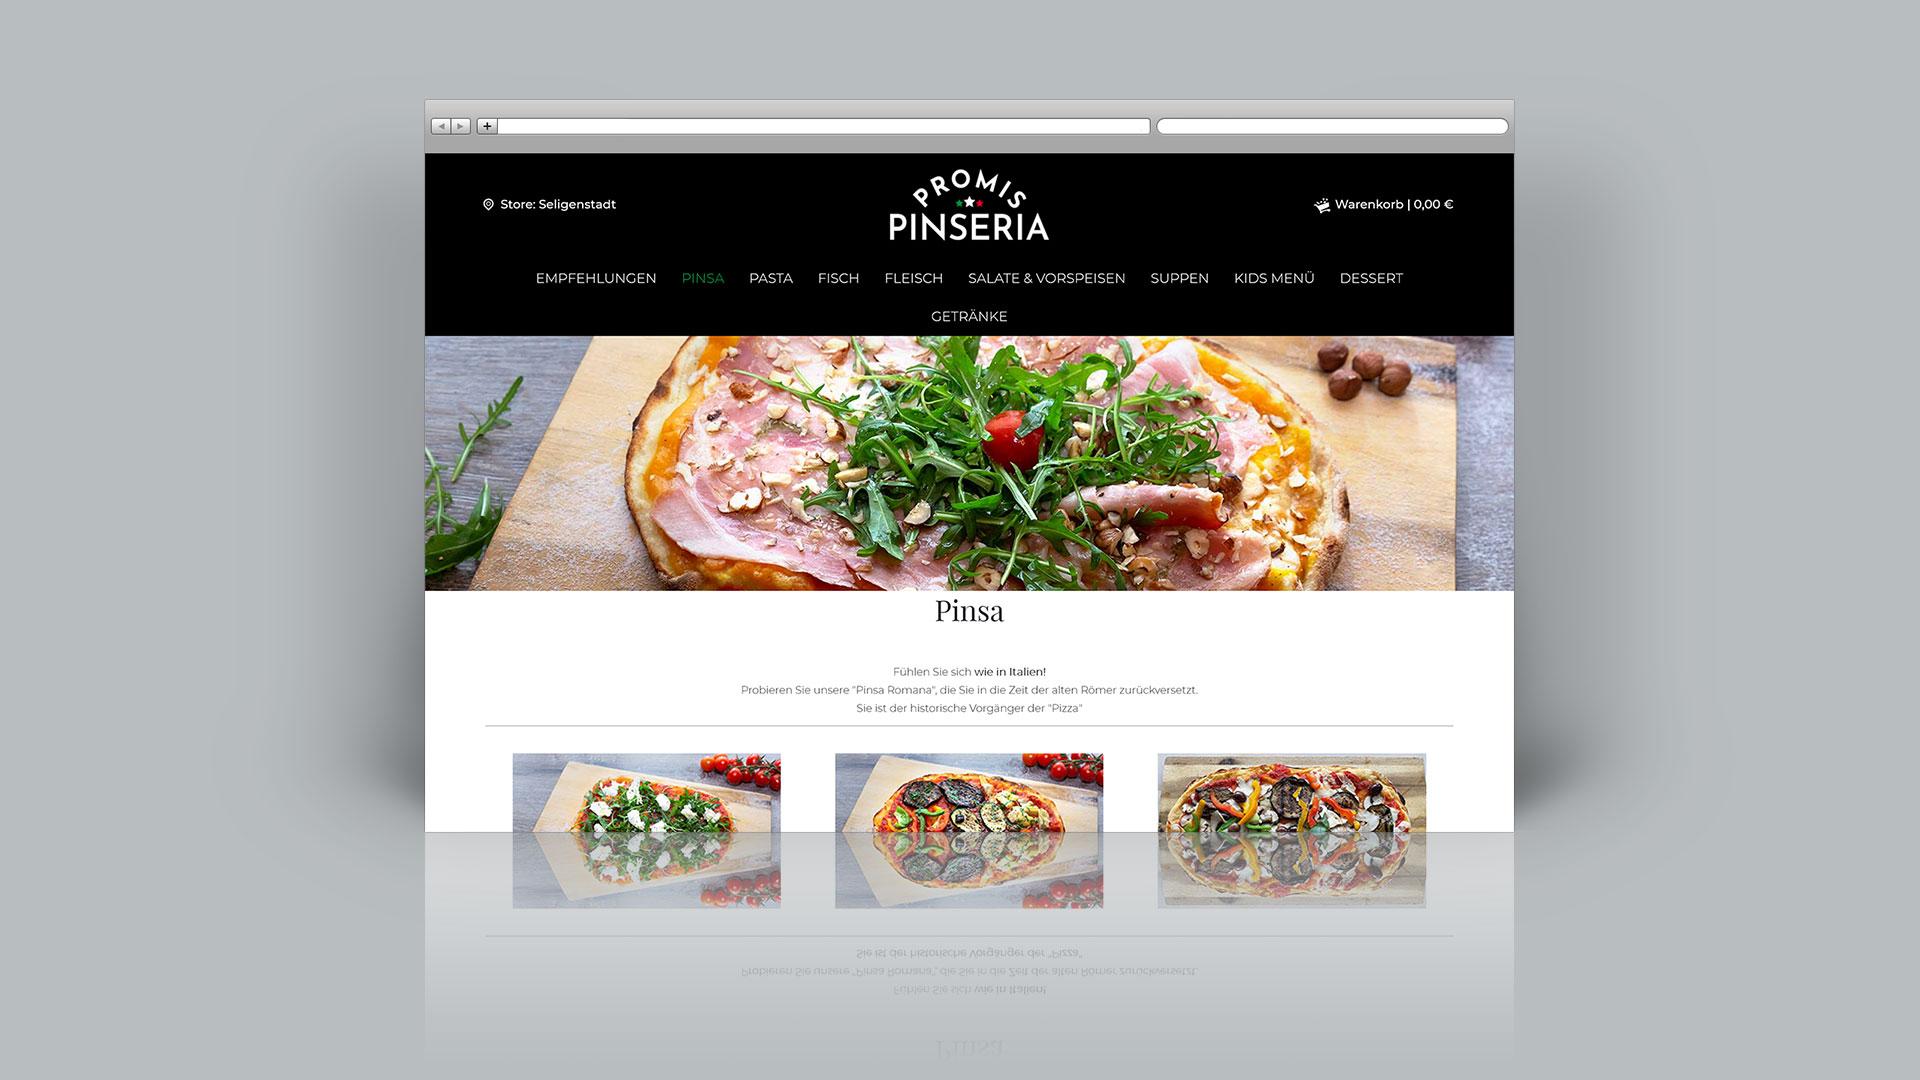 Promis Pinseria